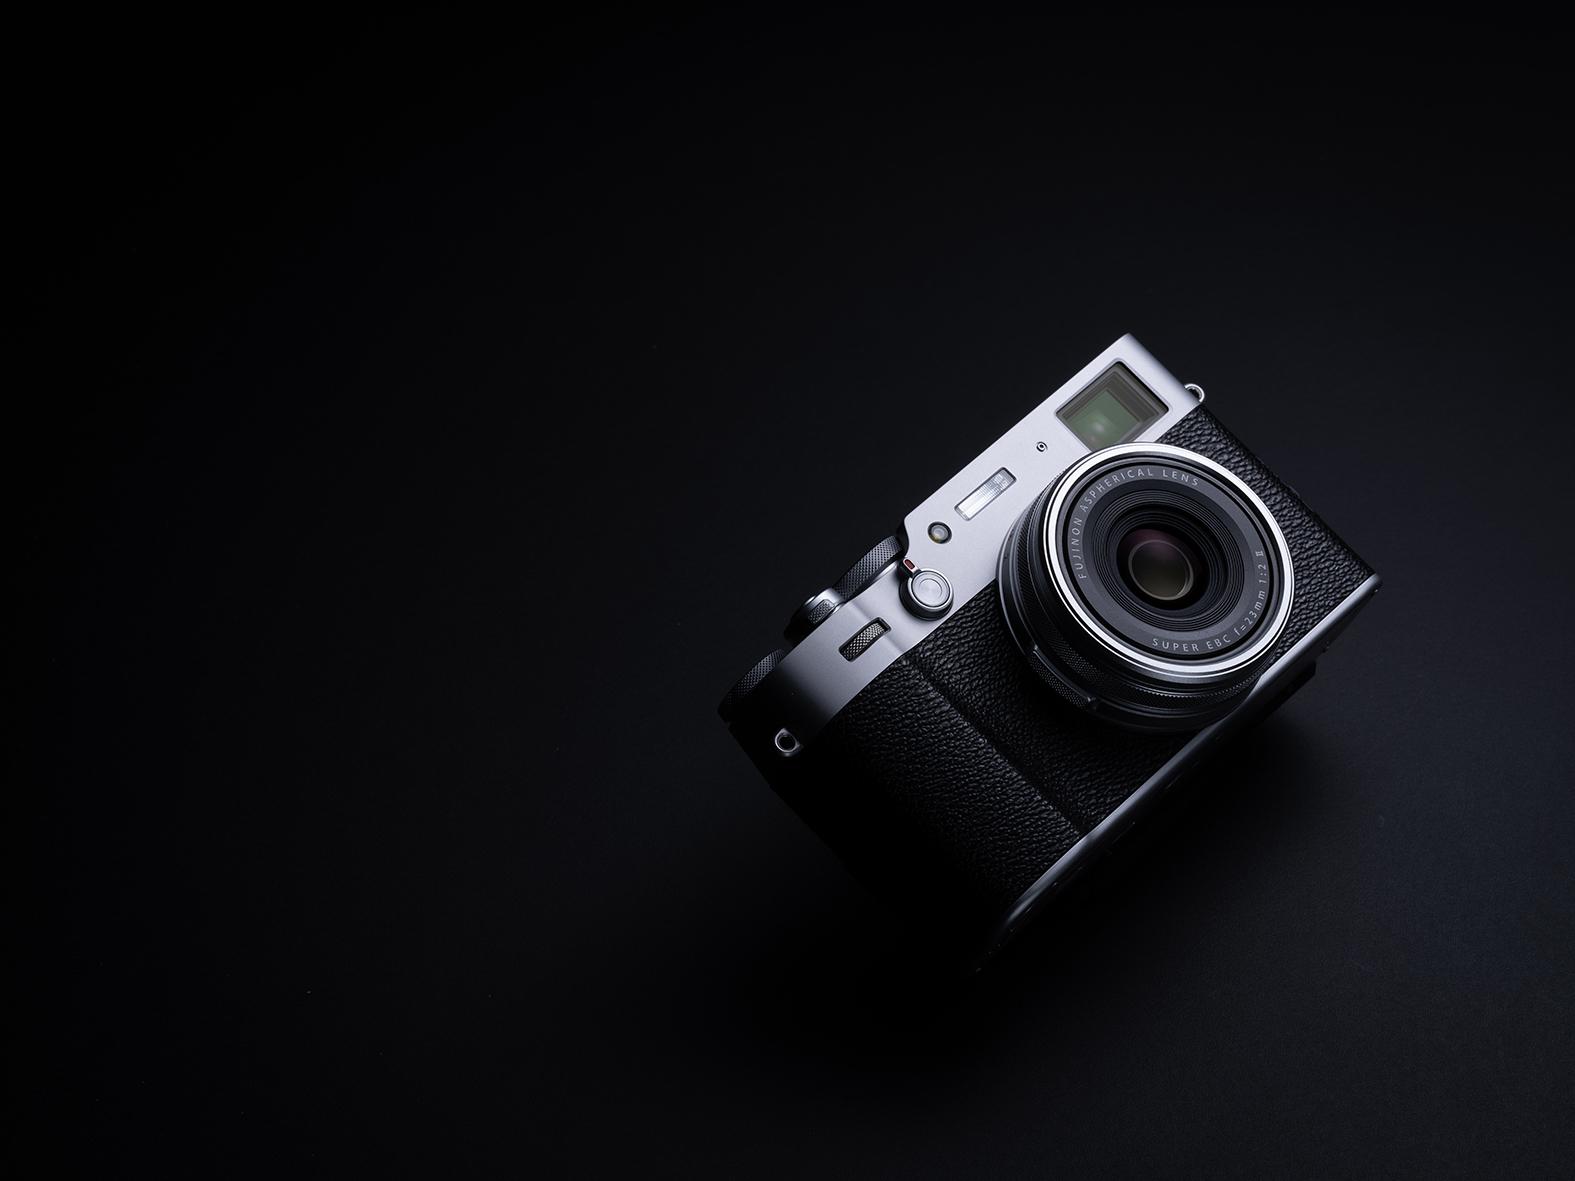 Die Fujifilm X100V kombiniert moderne Fototechnik mit schickem Aussehen.